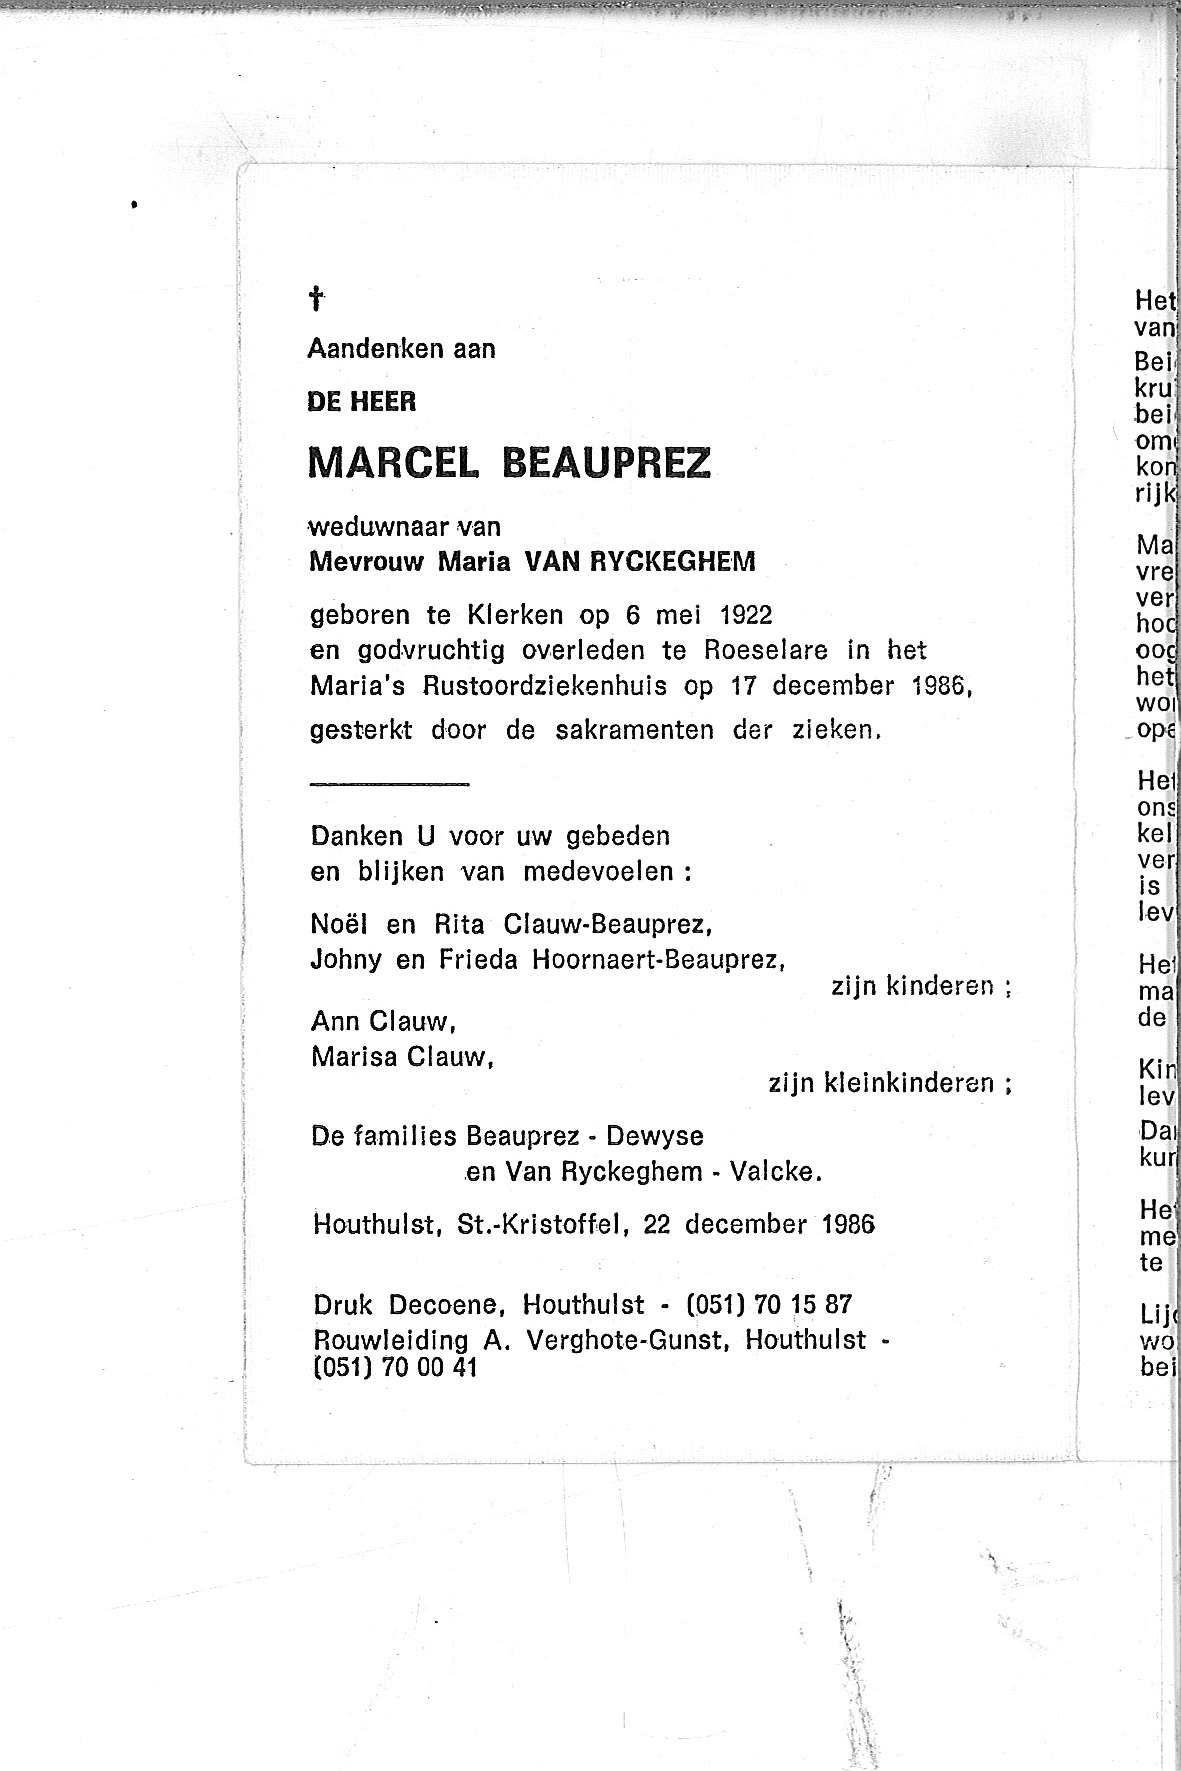 Marcel(1986)20130829095800_00002.jpg